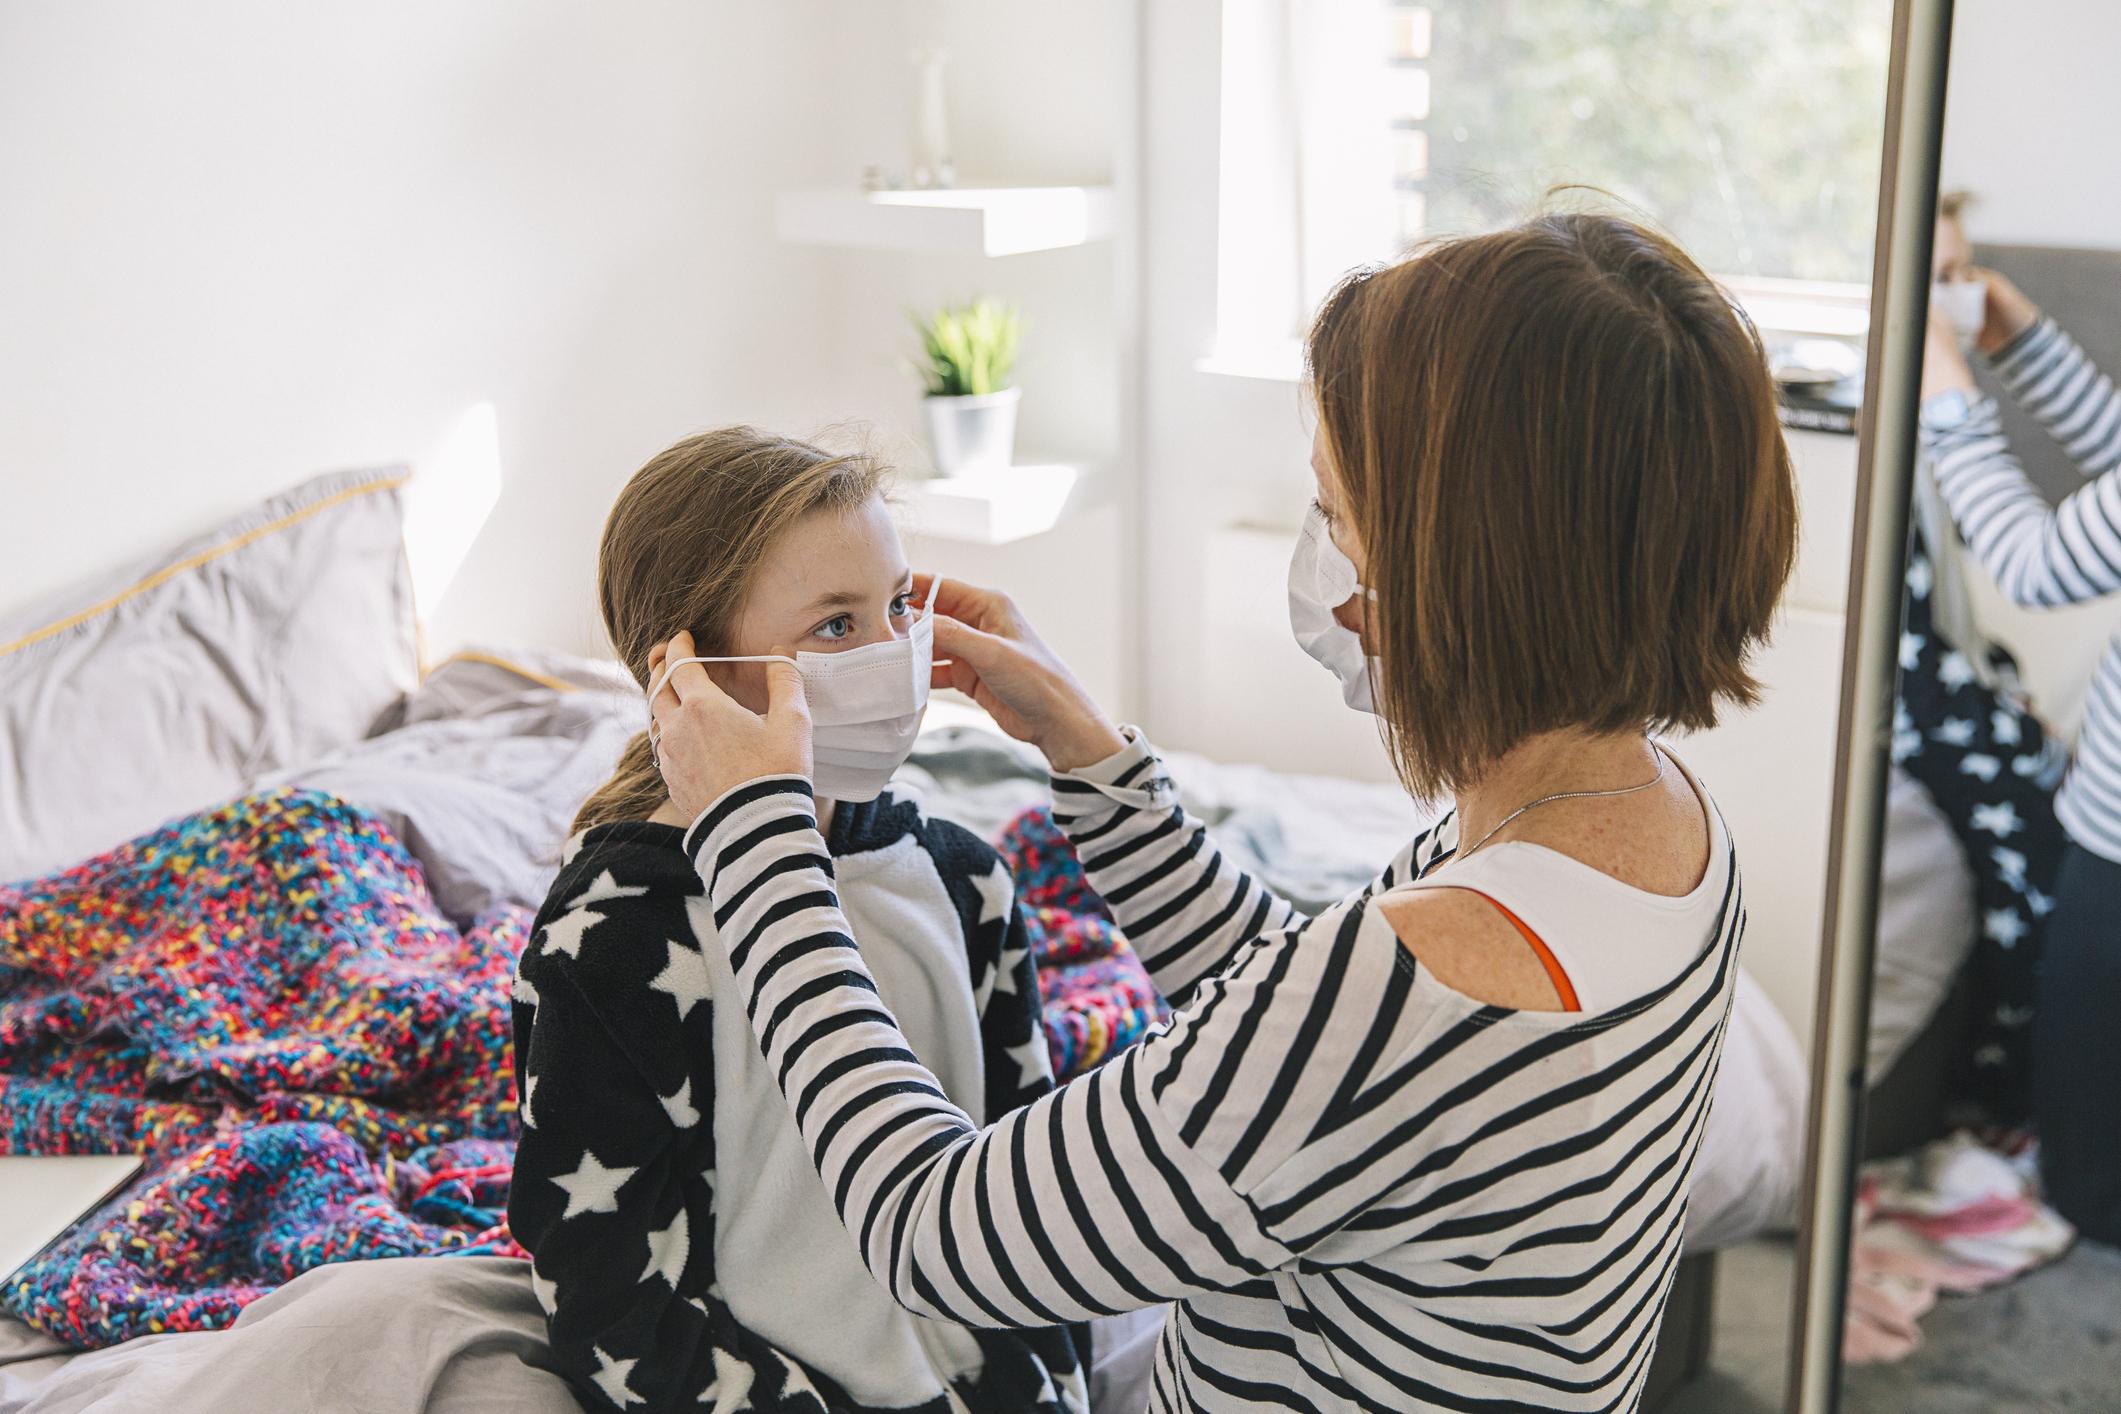 Woman puts mask on child